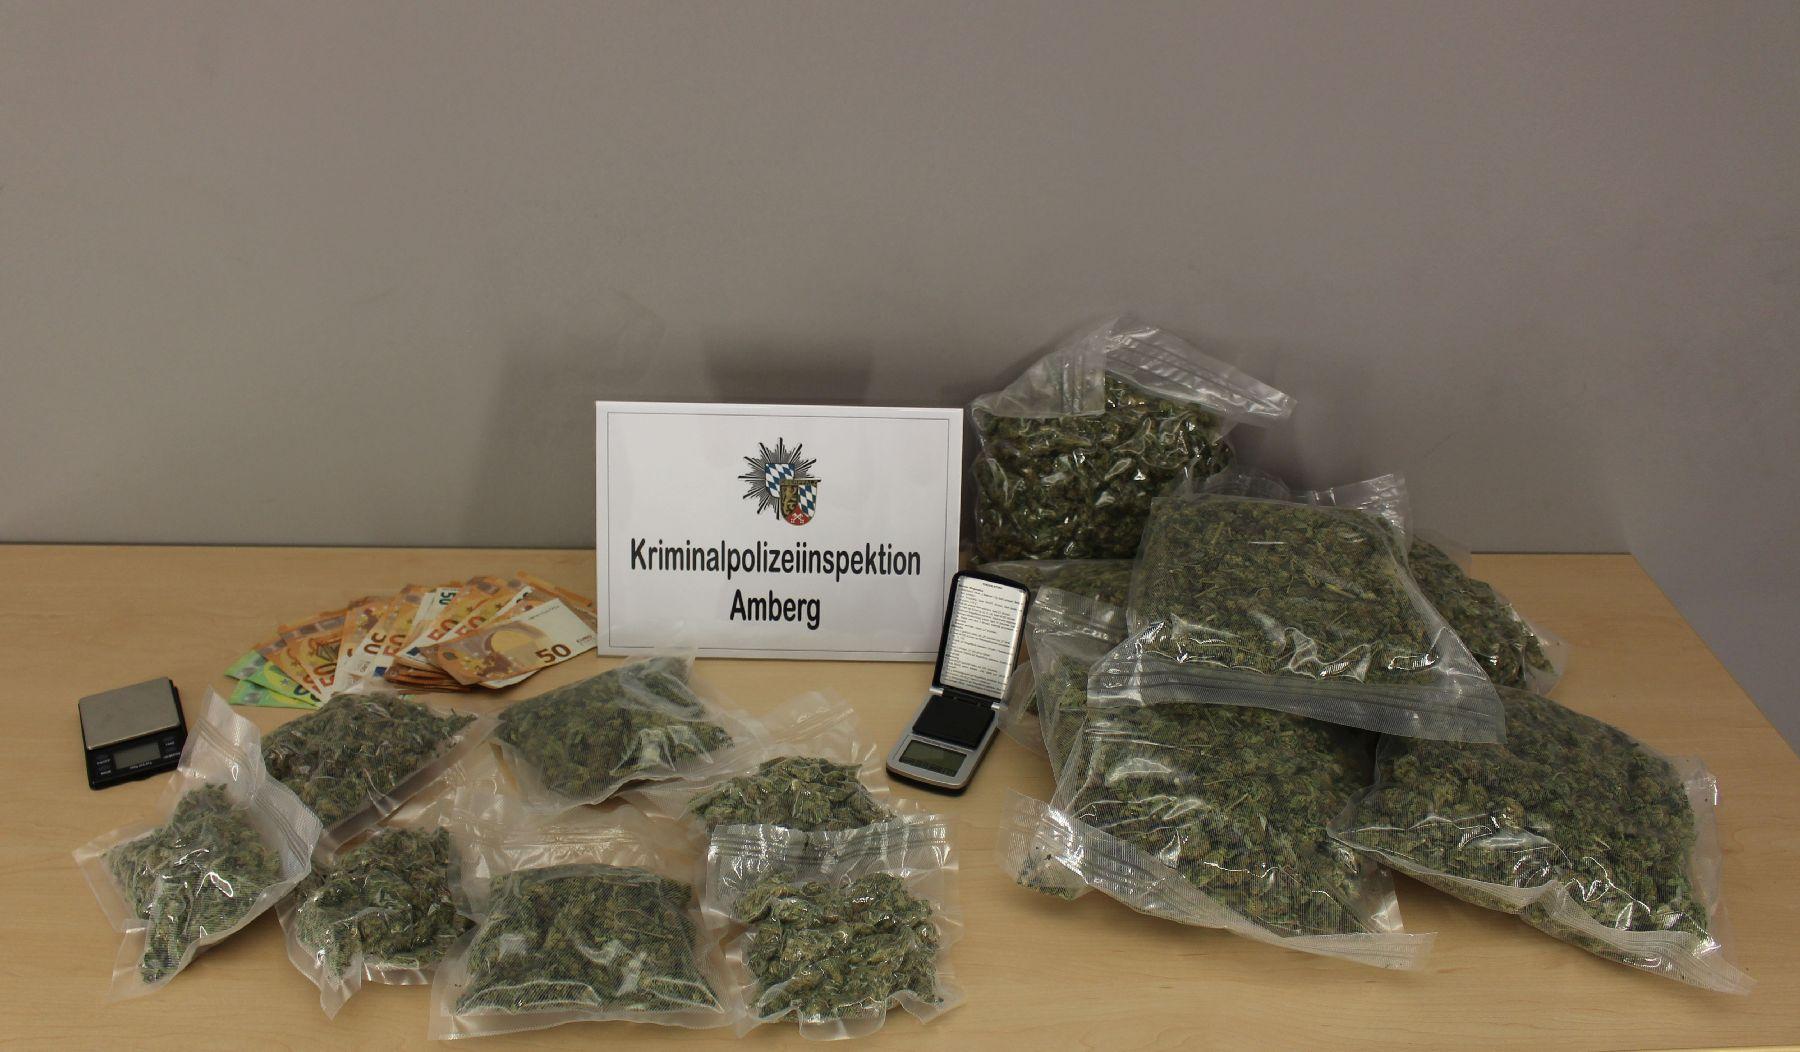 Sichergestelltes Beweismaterial in der Wohnung in Burglengenfeld Foto: Kriminalpolizeiinspektion Amberg